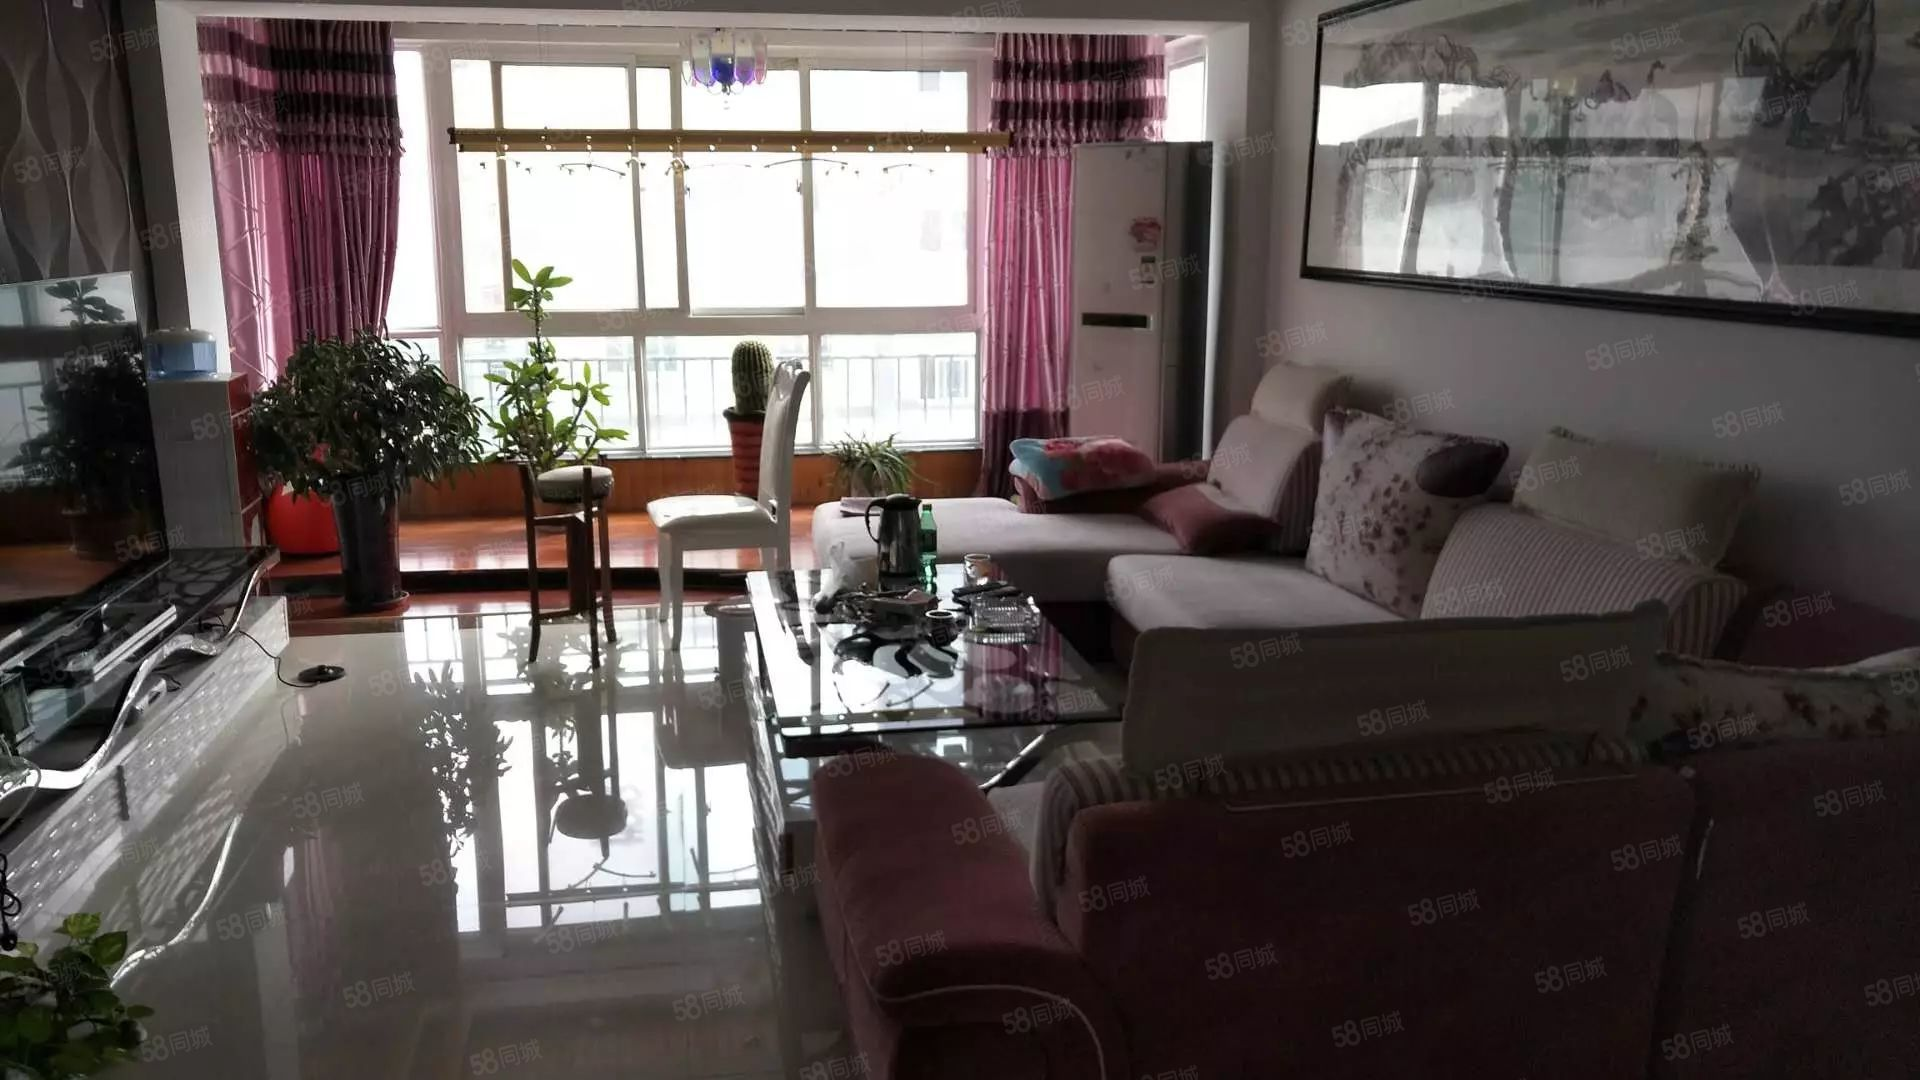 龙湾半岛、三室两厅两卫、电梯、精致装修、出行居家相当便利。